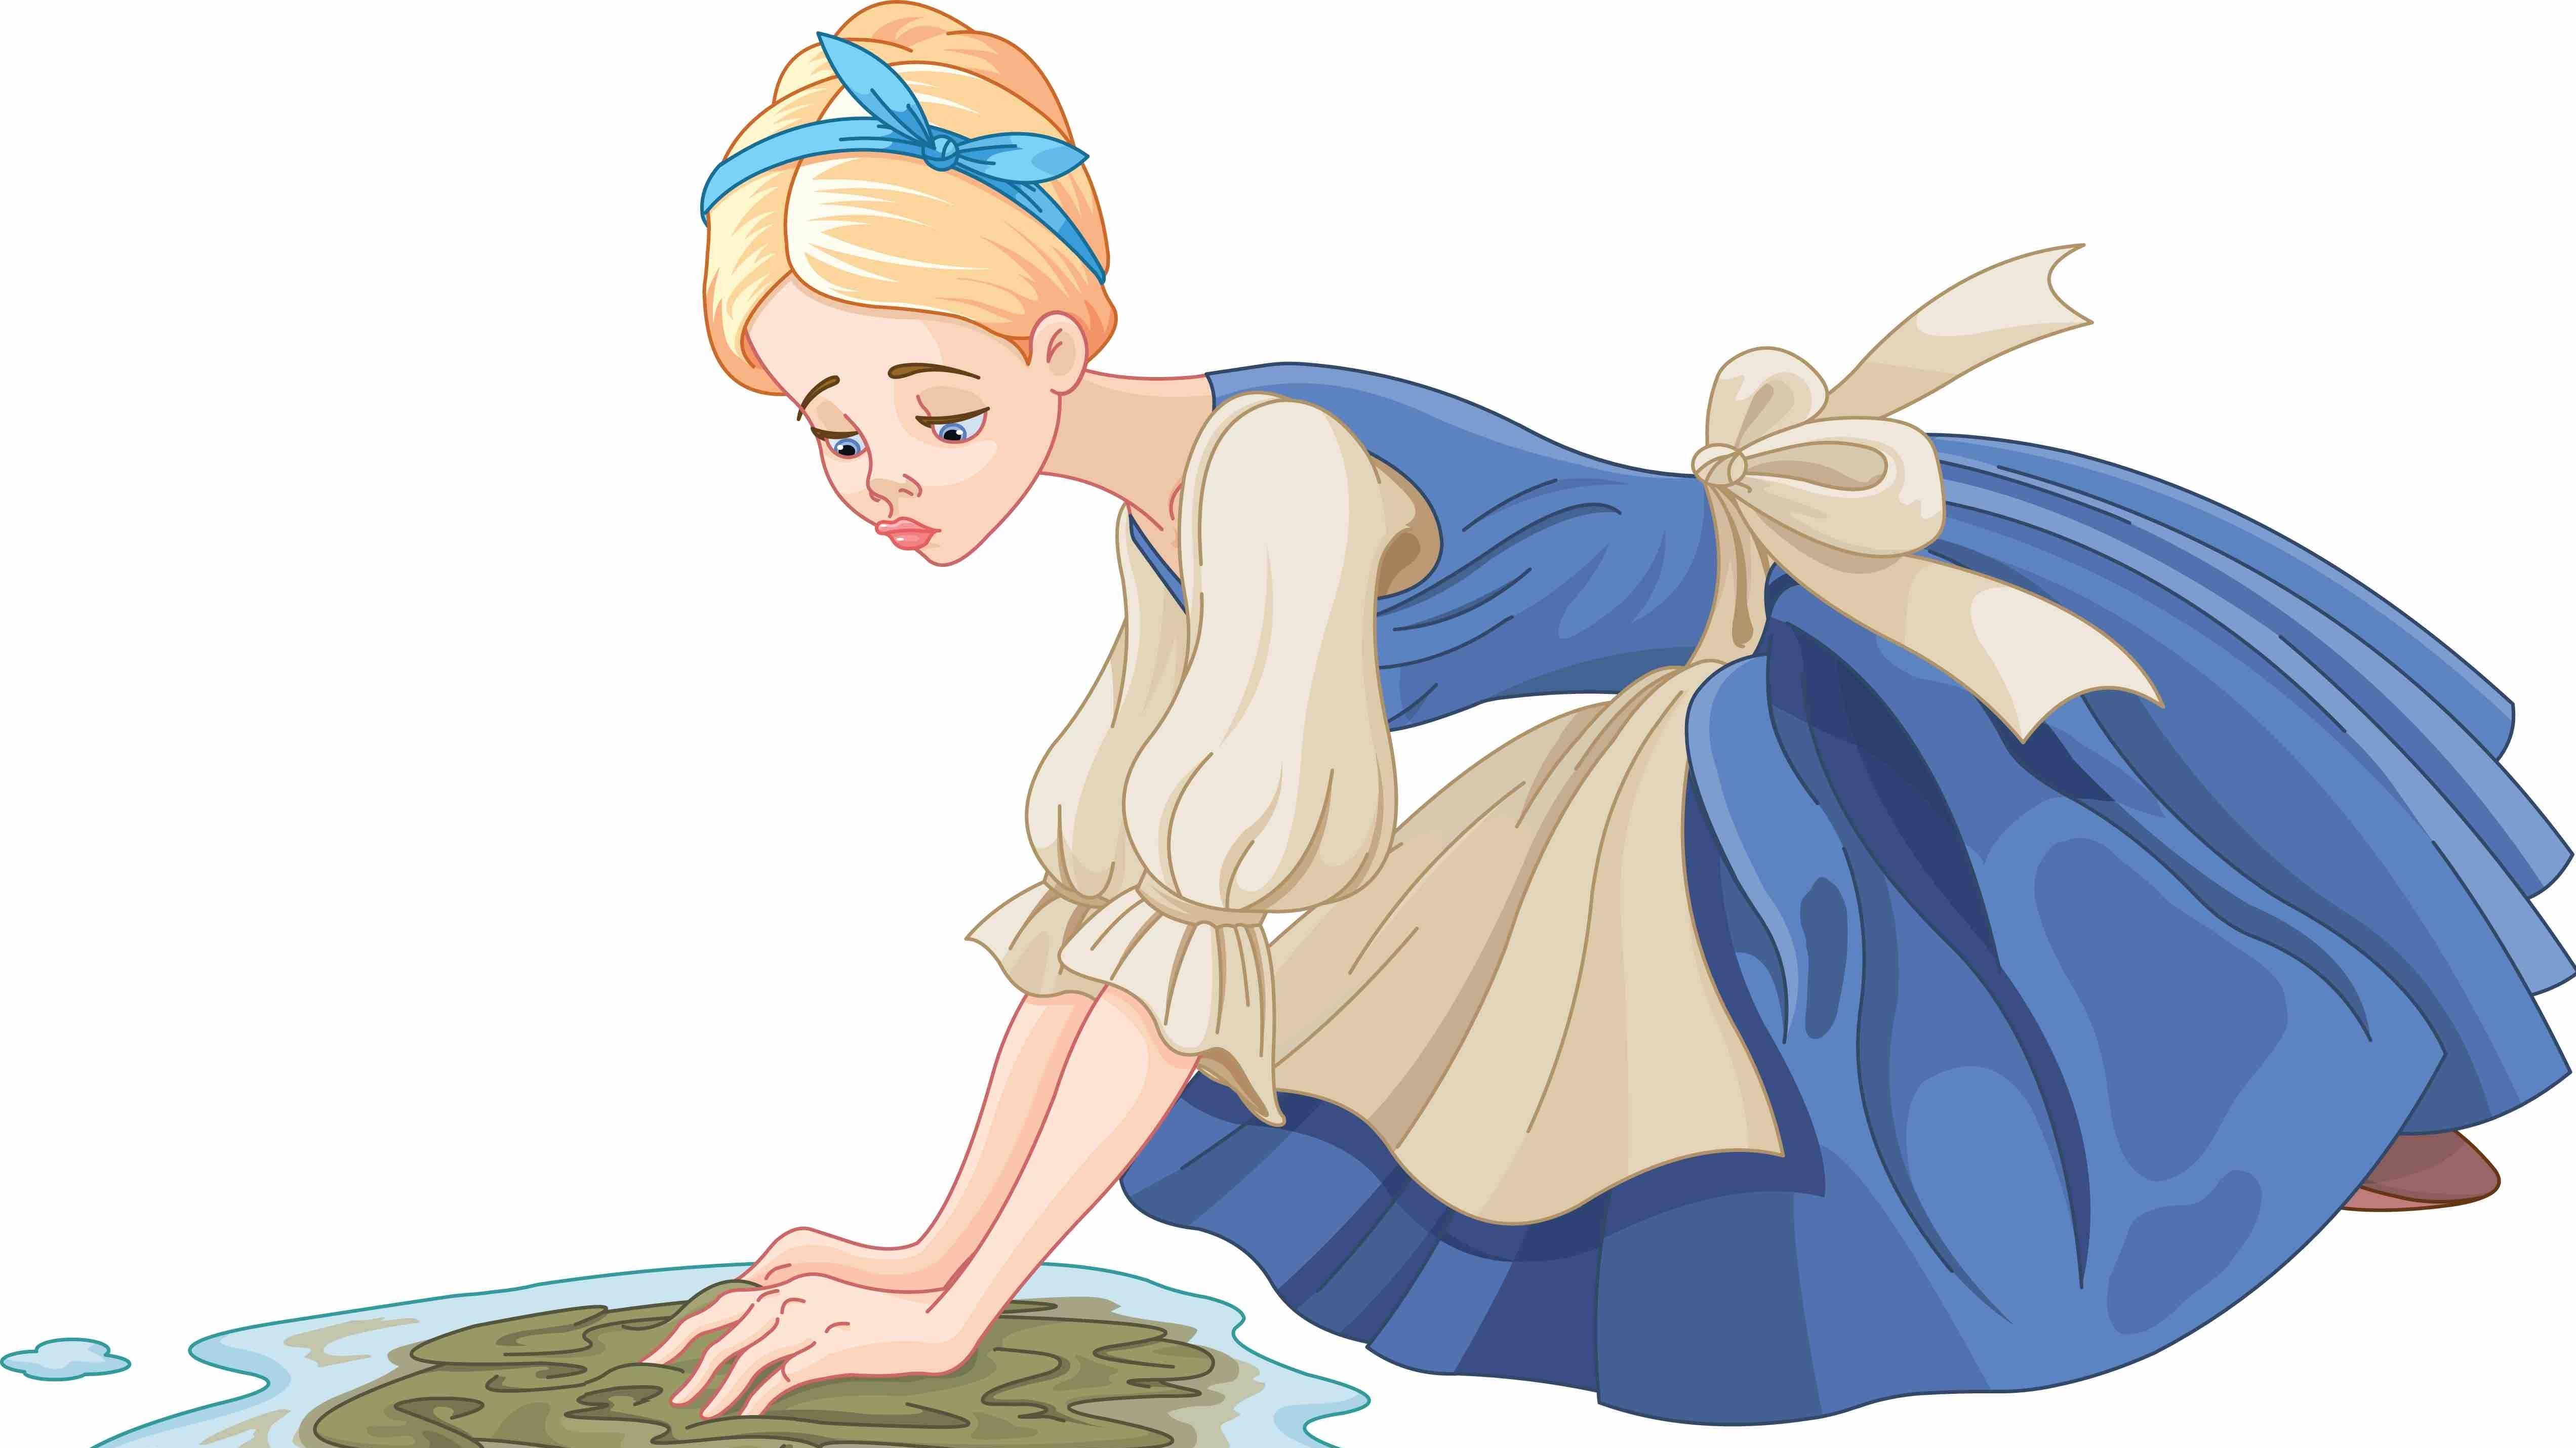 Poor Cinderella!